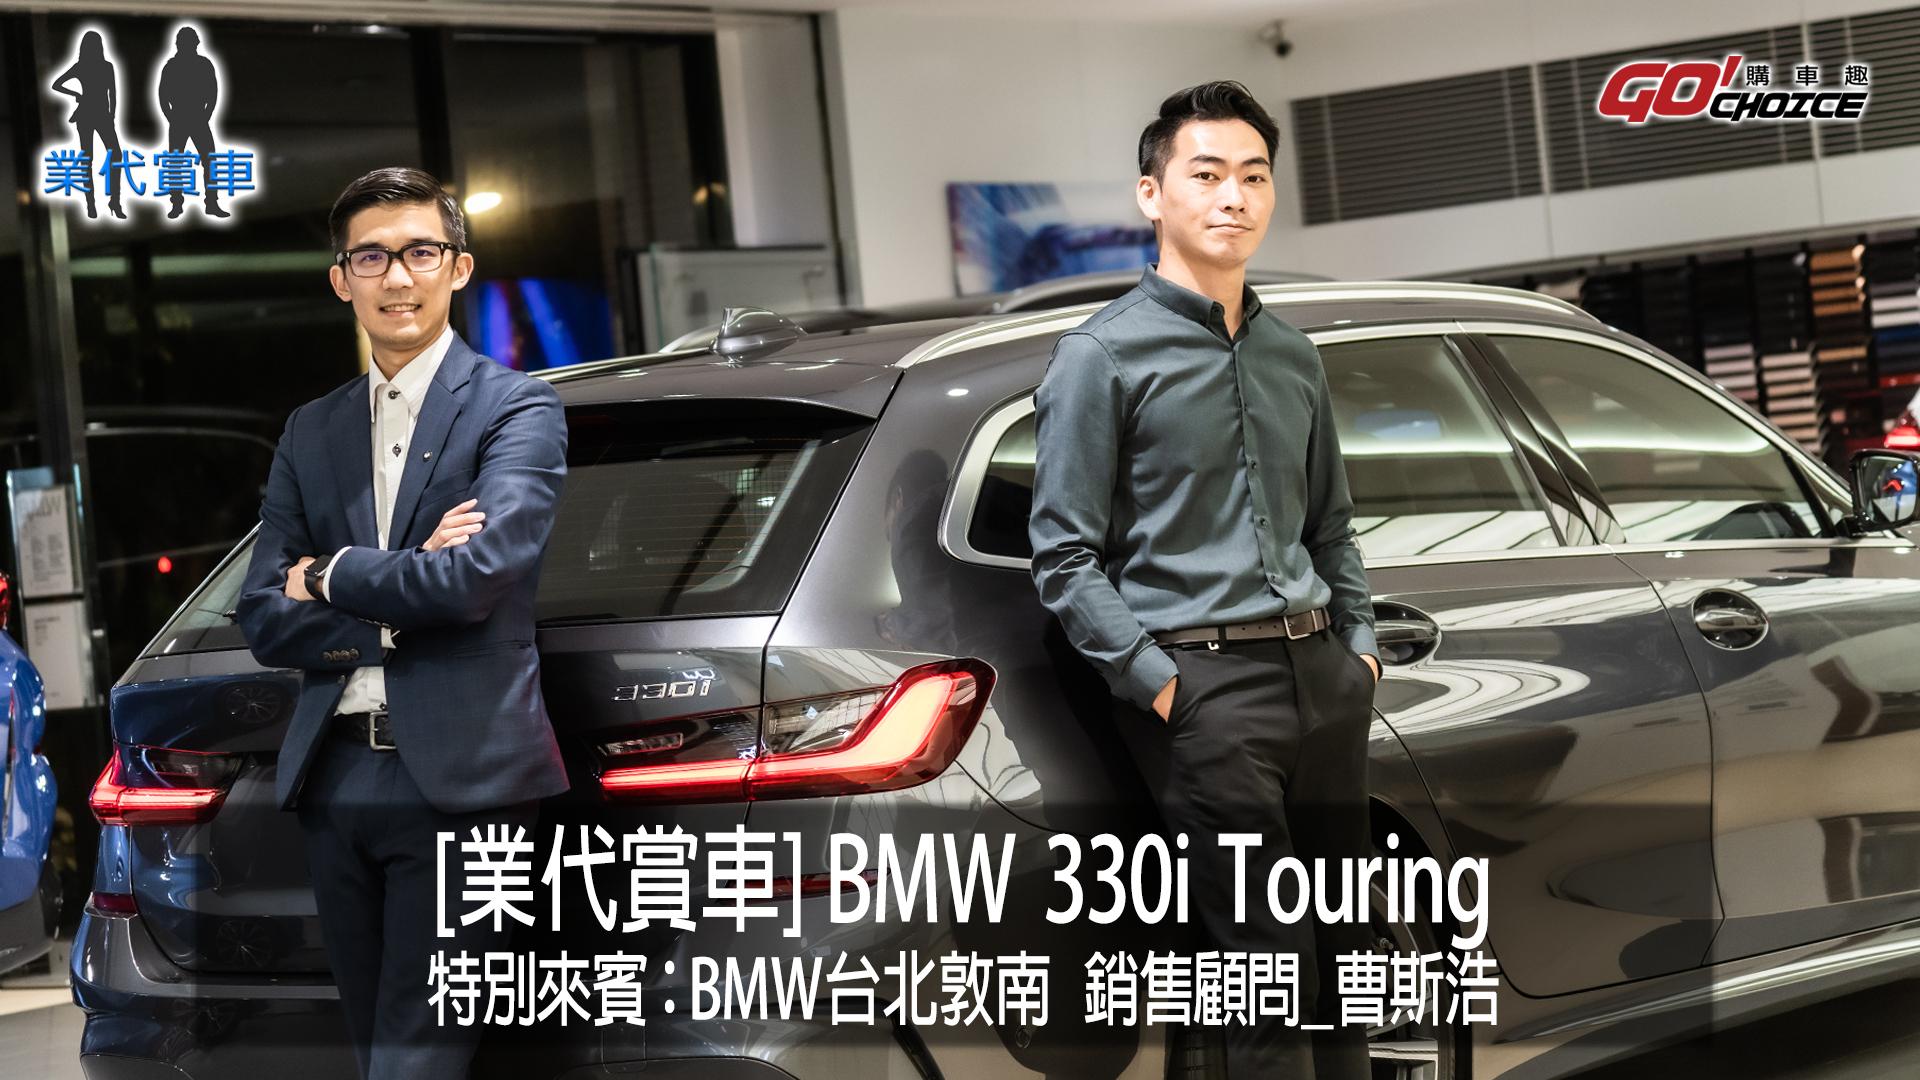 業代賞車-BMW M330i Touring_台北敦南所 銷售顧問_曹斯皓